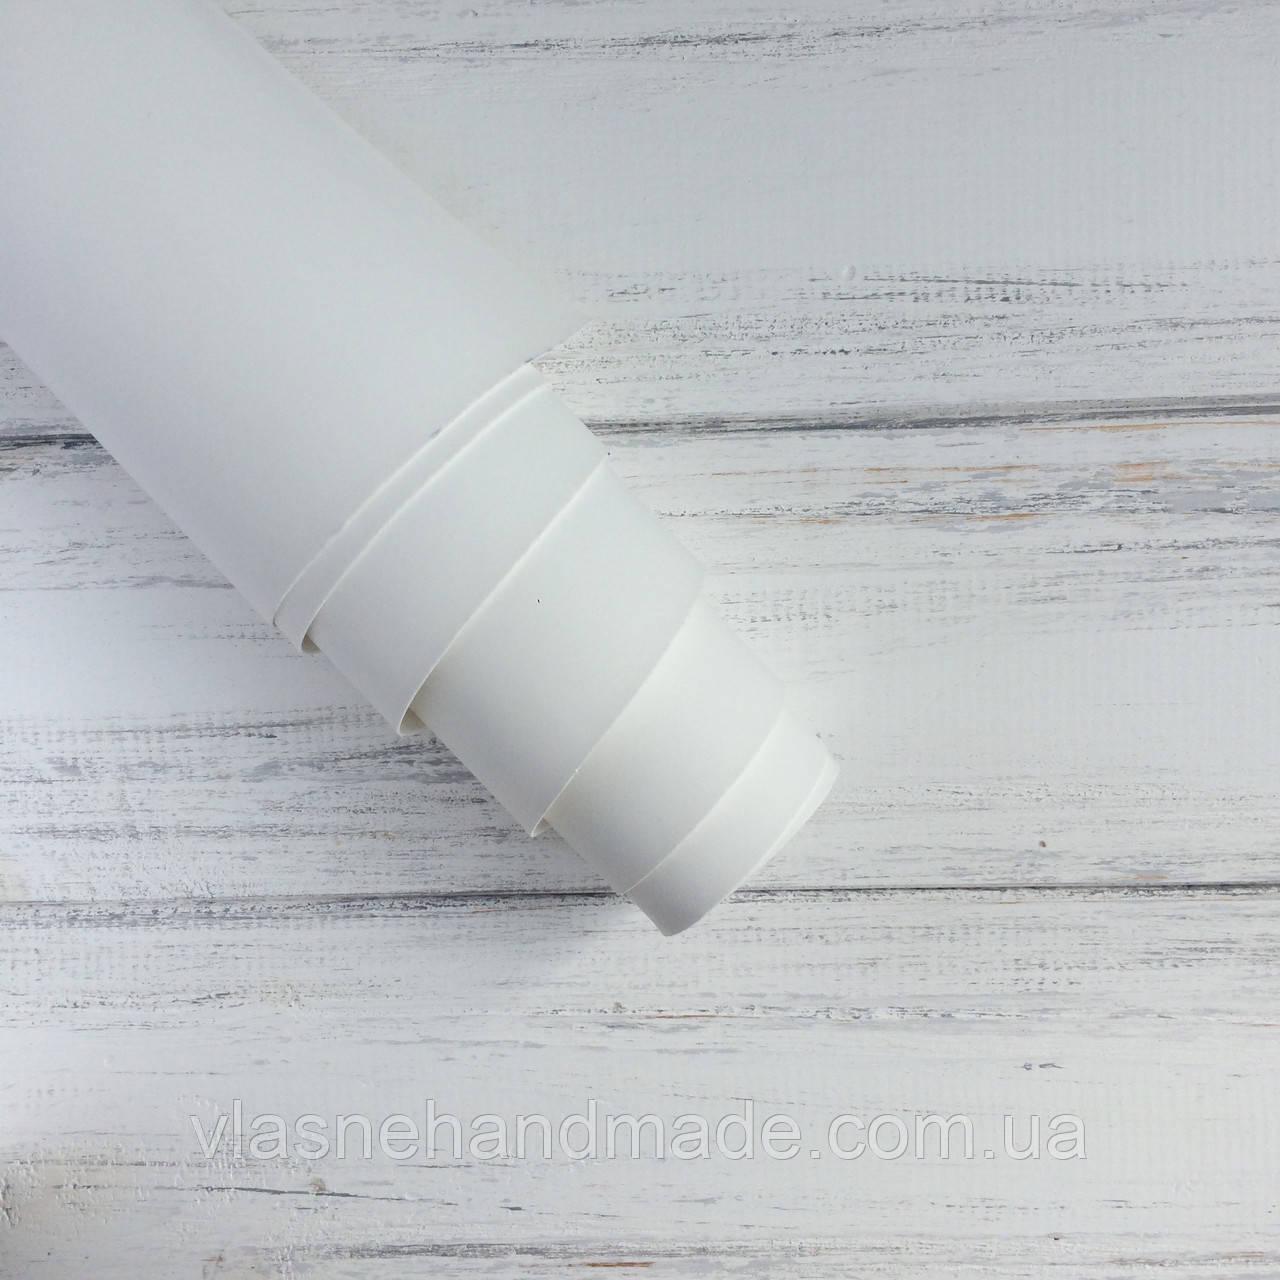 НЕФОРМАТ АБО НЕВЕЛИКИЙ БРАК!! Шкірзамінник палітурний - матовий - білий - виробник Італія - 21,5х70 см